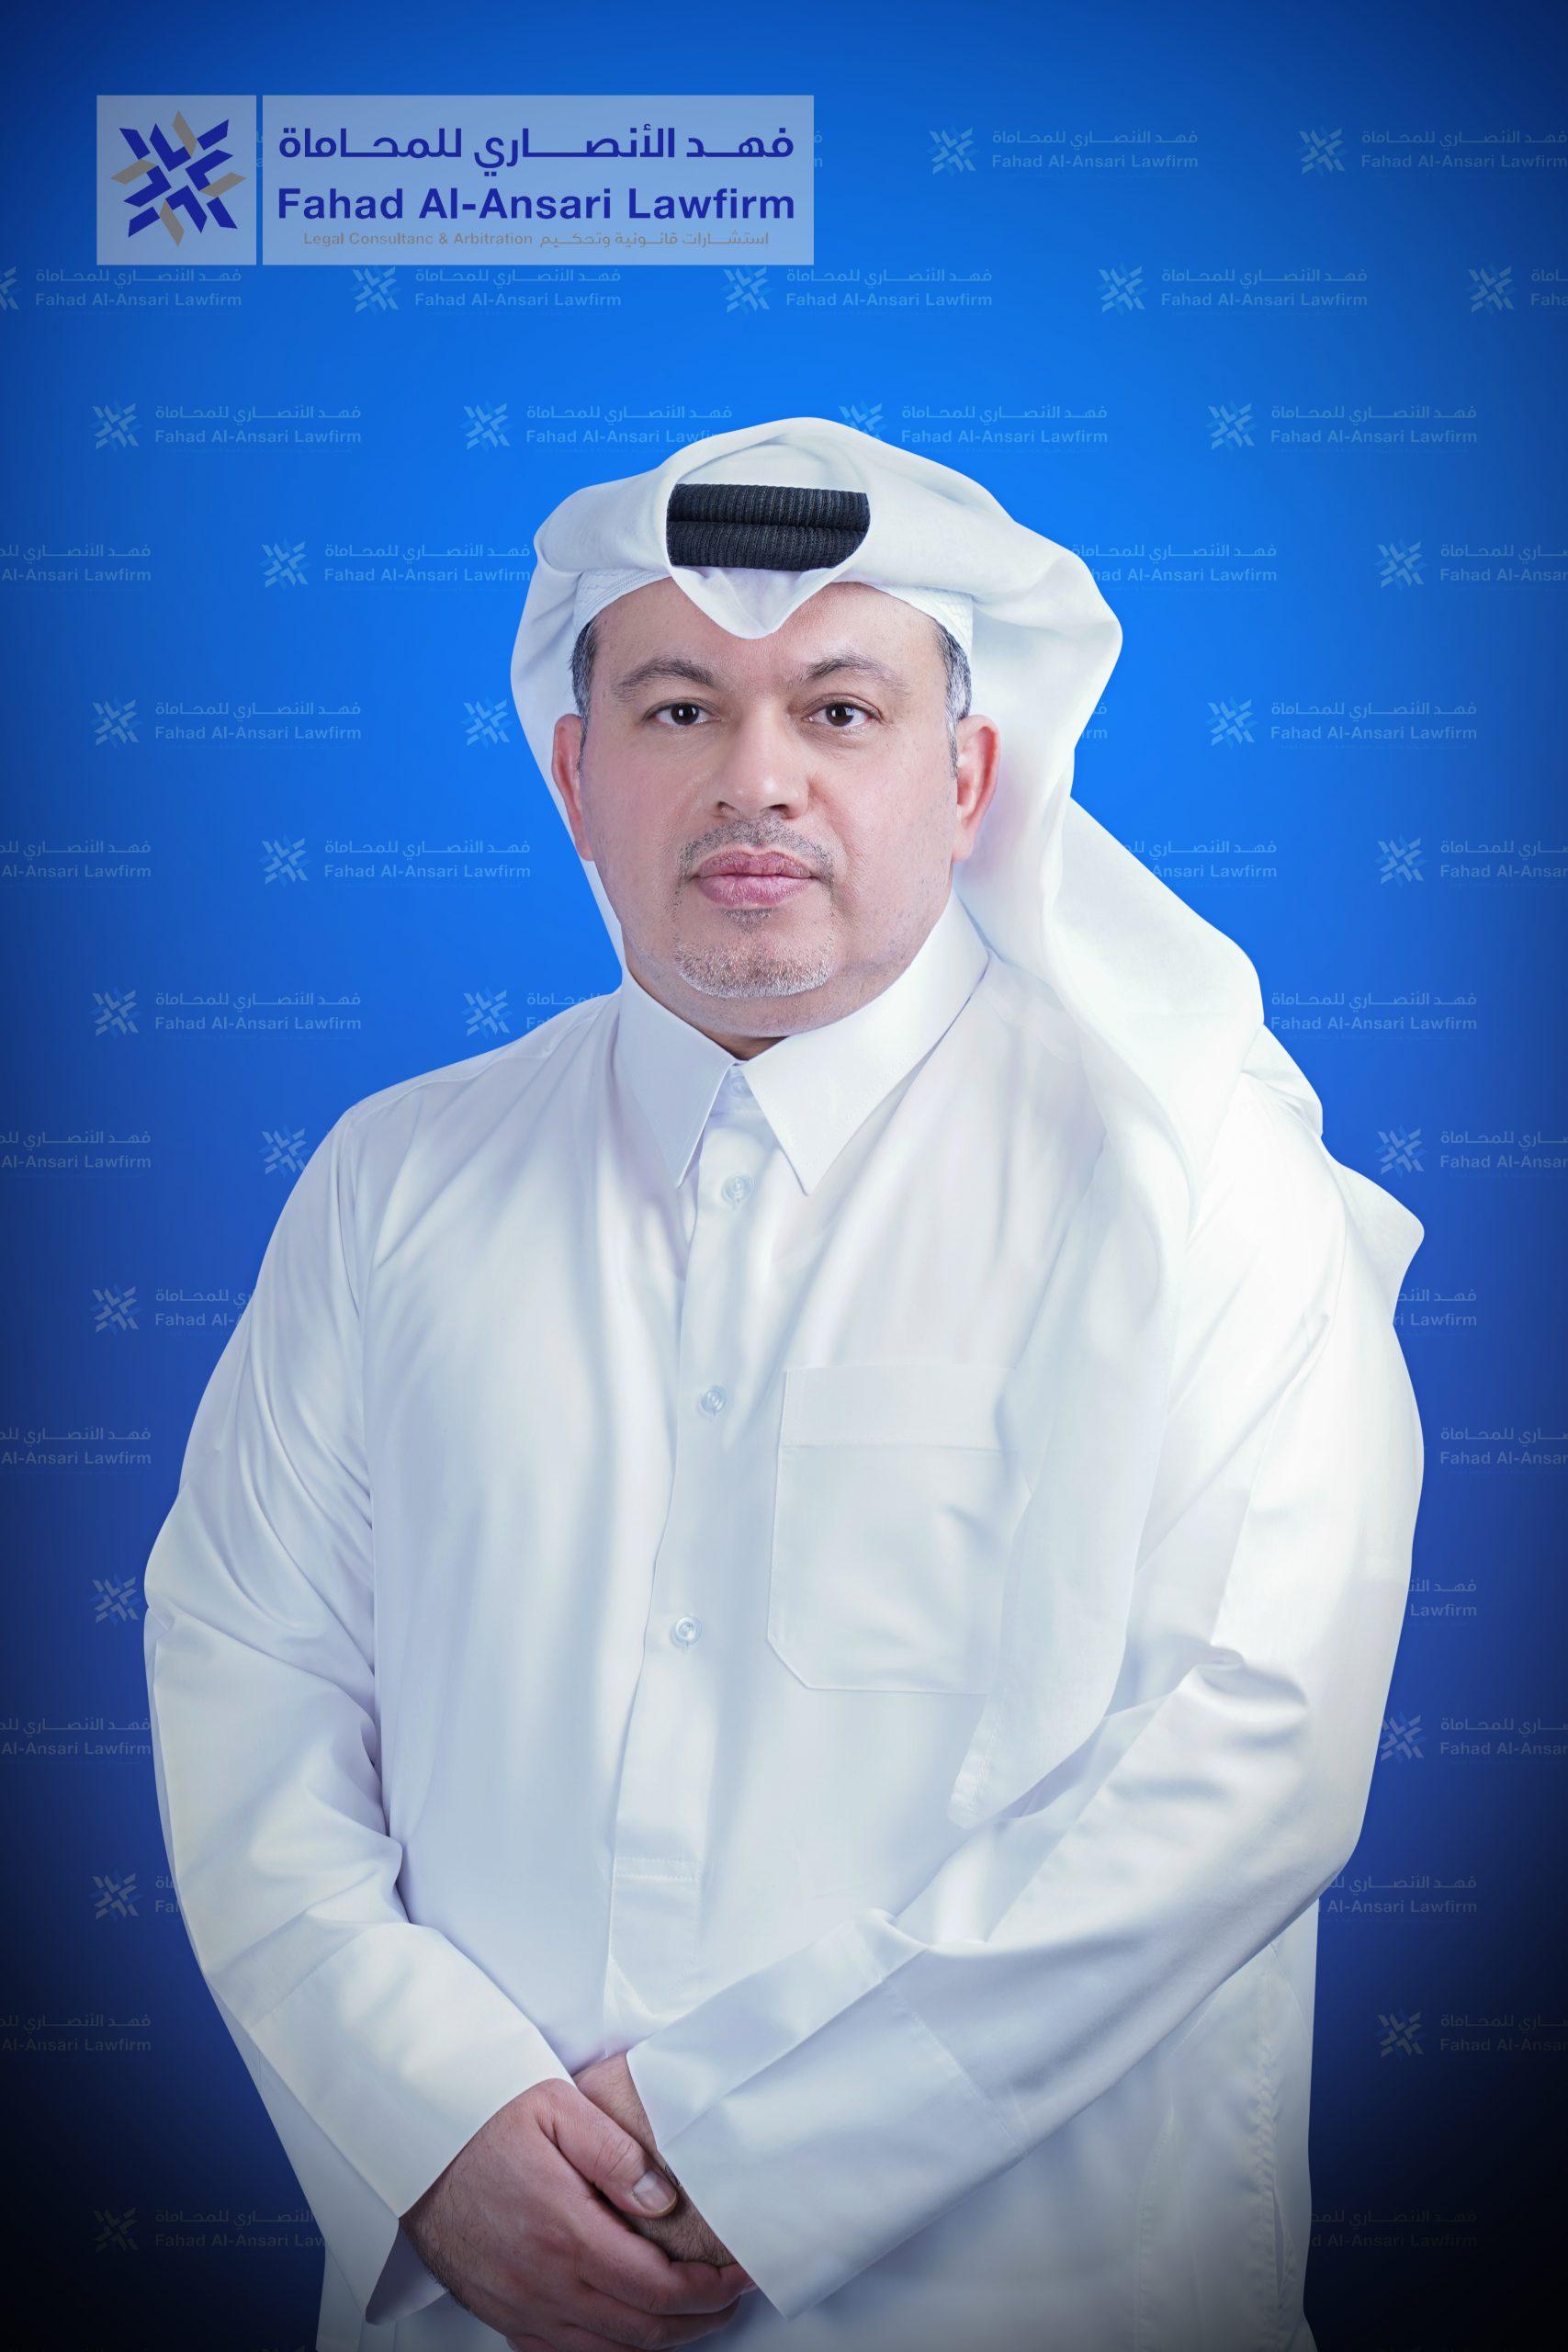 الرئيس فهد محمد الانصاري